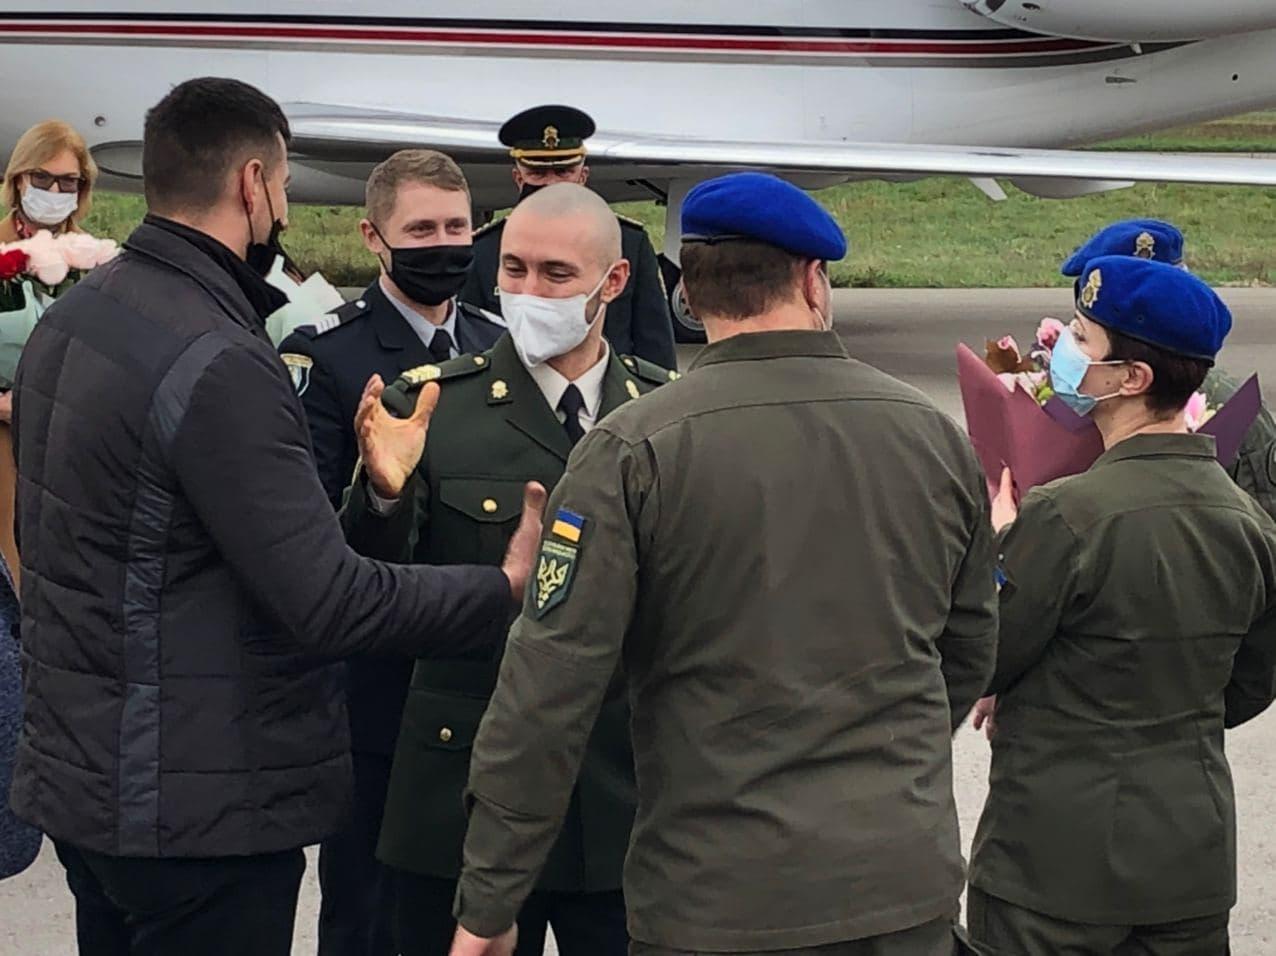 Це була спроба зганьбити Україну: Марків домагатиметься компенсацій за ув'язнення